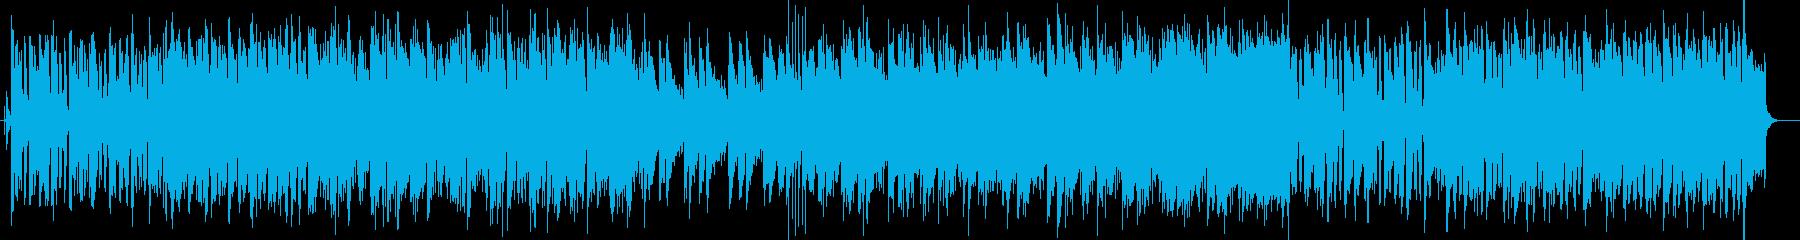 グラスハープを思わせるミディアムテンポの再生済みの波形